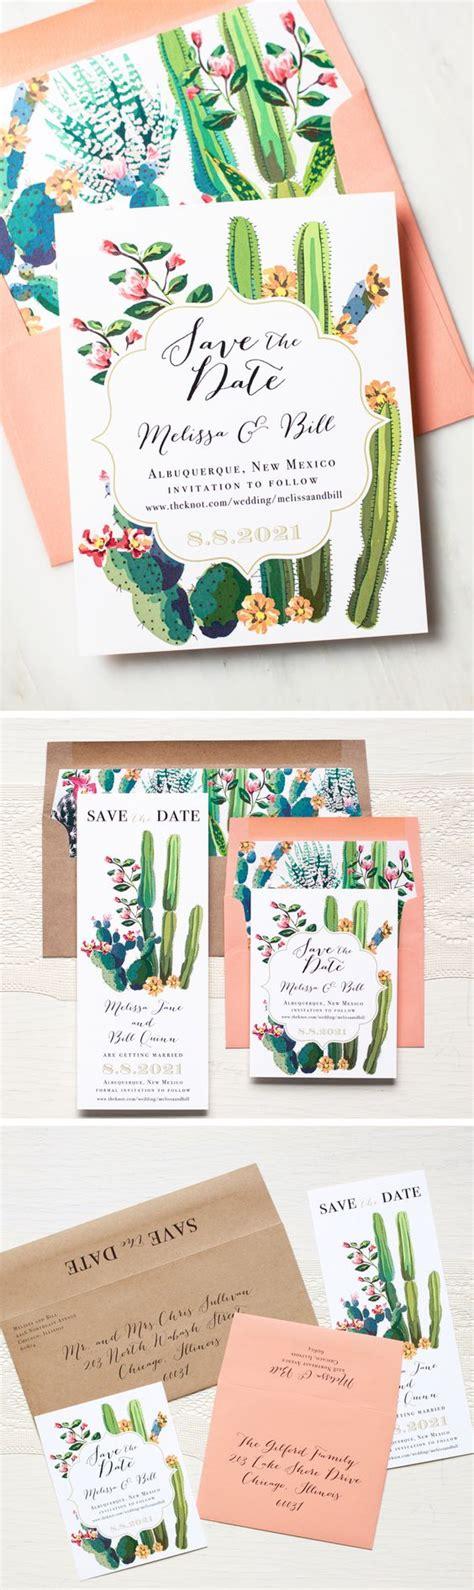 tendencia cactus para las invitaciones de bodas vestidos de novia tendencia cactus para las invitaciones de bodas vestidos de novia